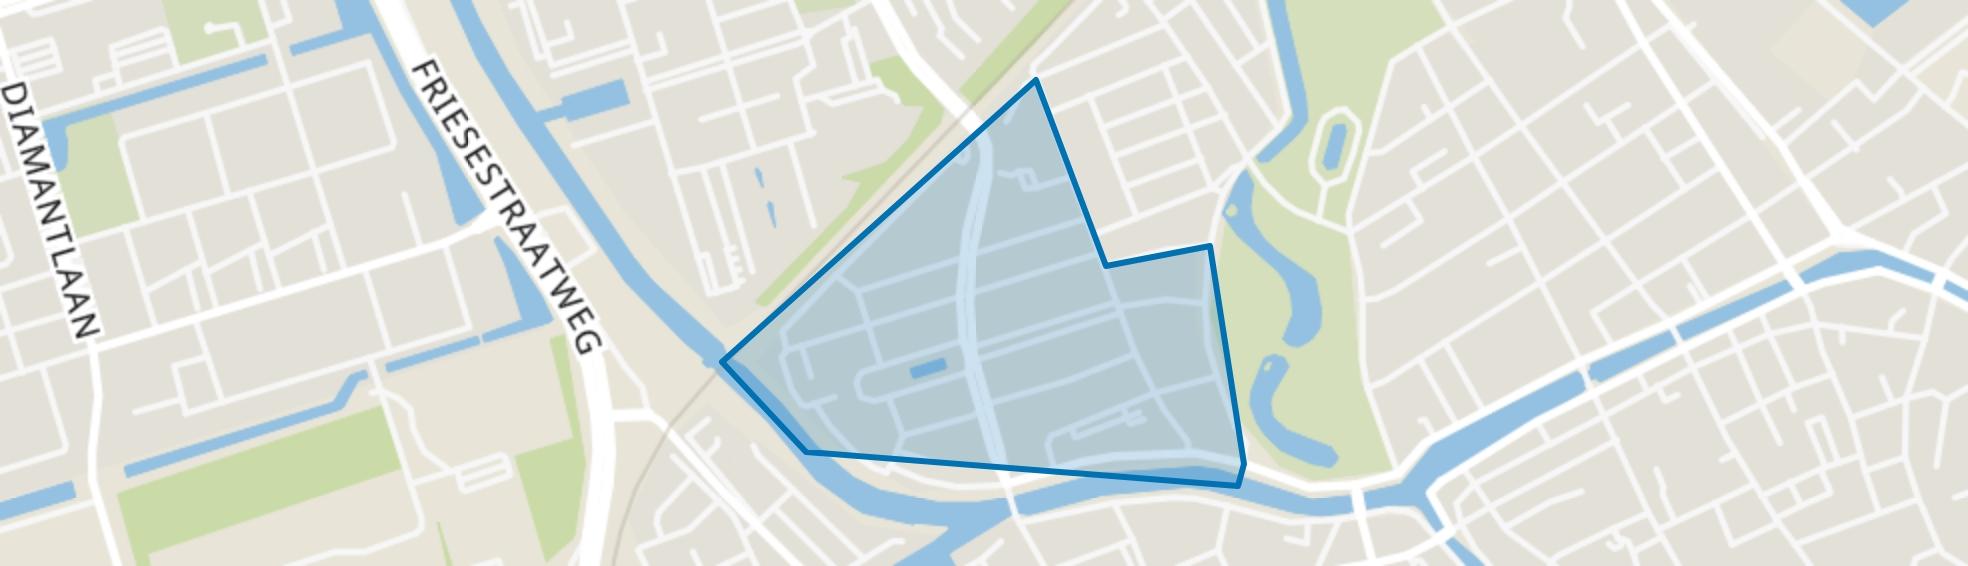 Oranjebuurt, Groningen map